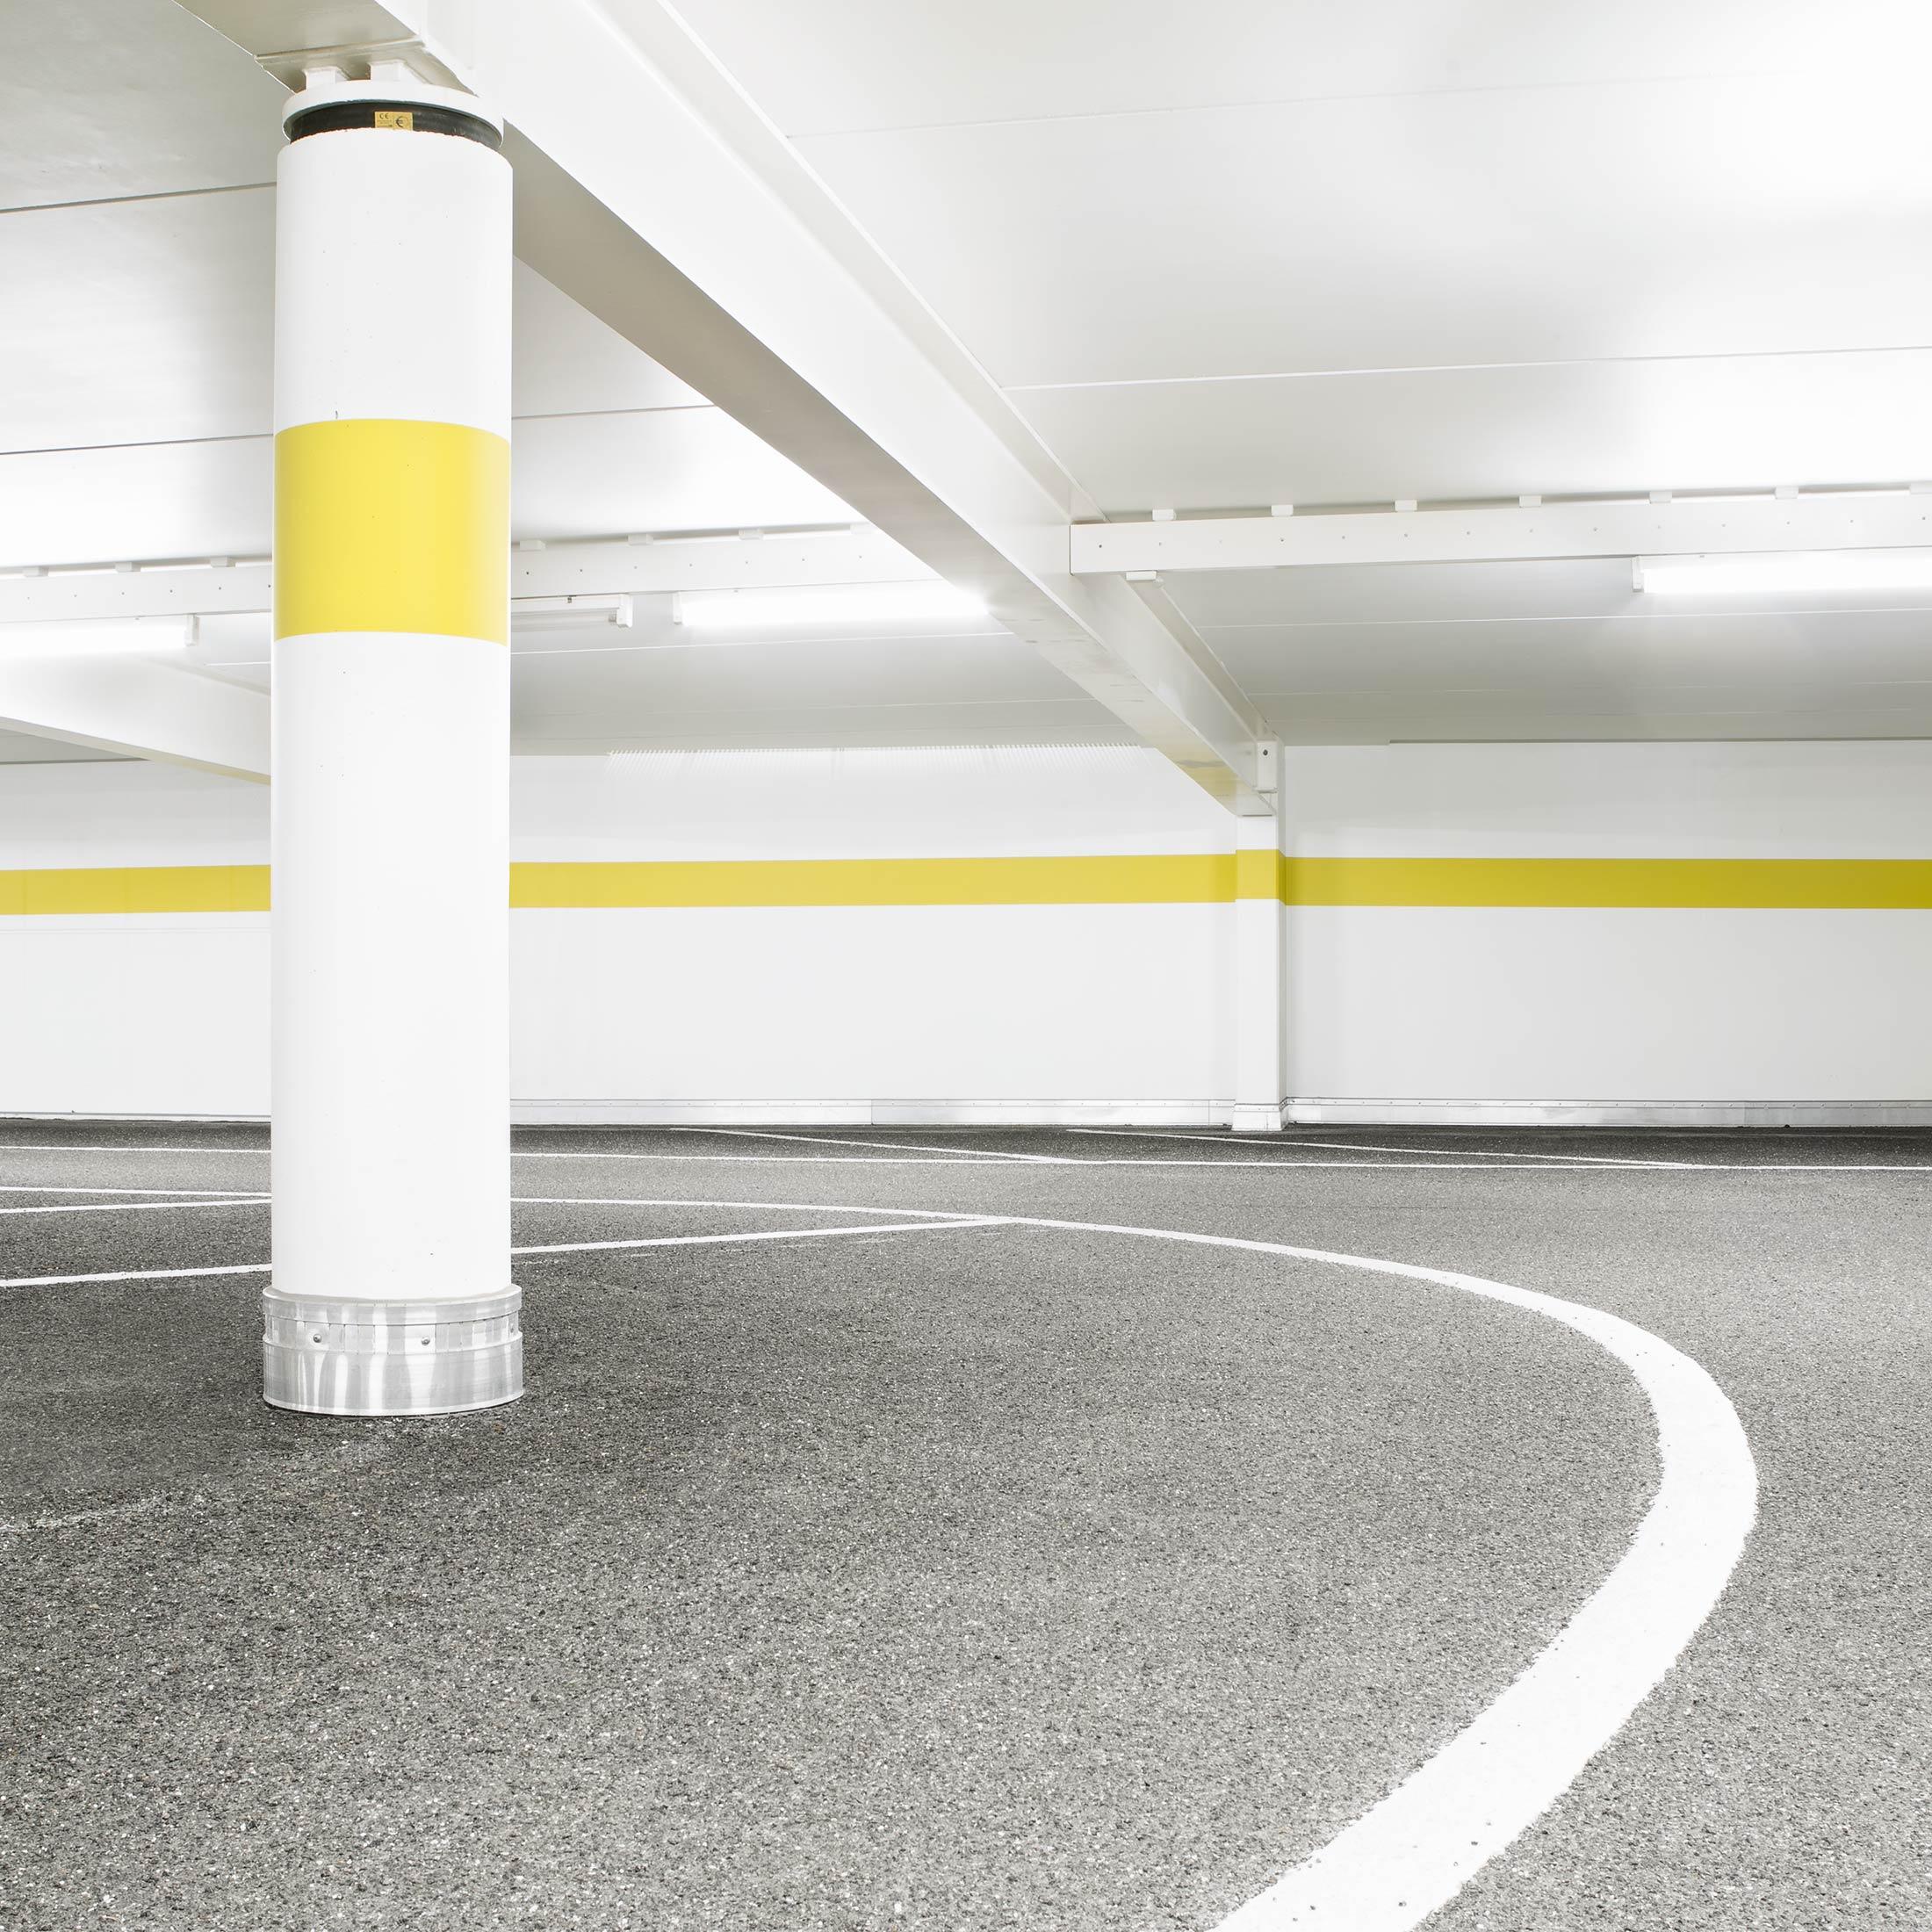 Parkhaus_08-Mitja_Schneehage